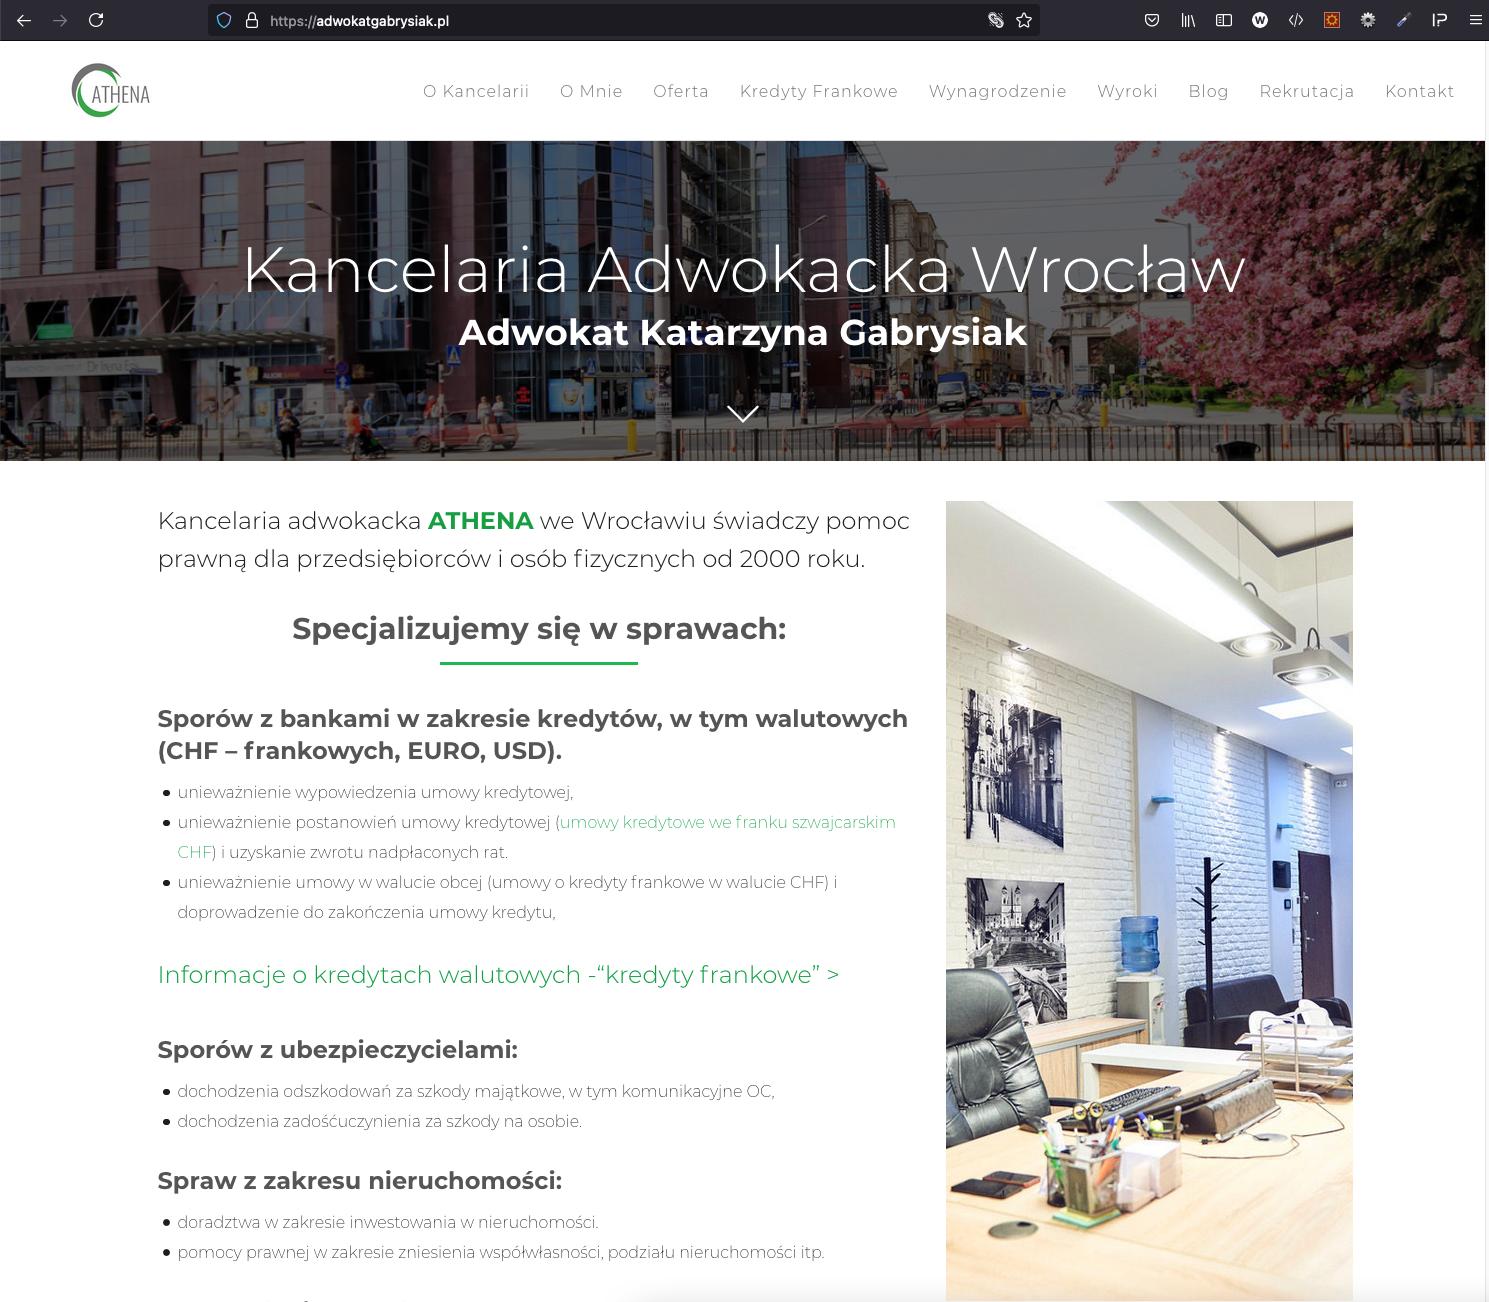 Adwokat we Wrocławiu Katarzyna Gabrysiak - zmiana adresów strony www oraz email.